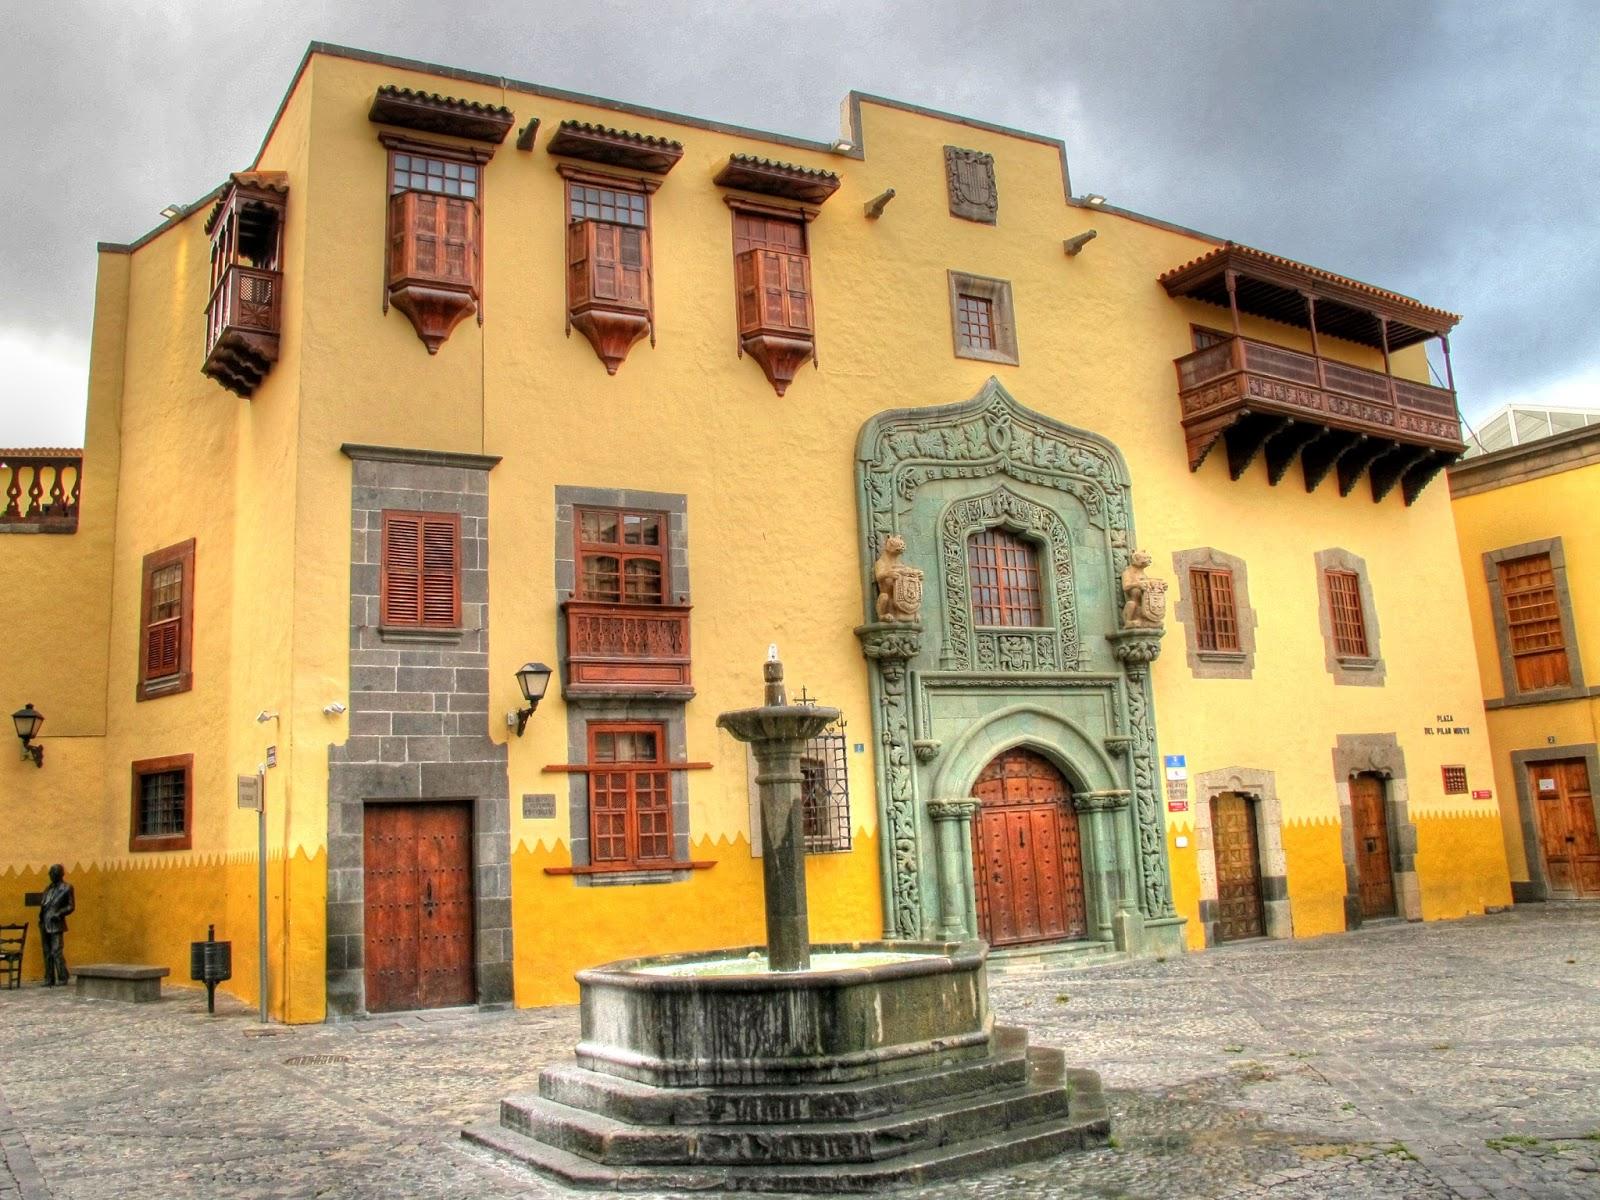 La casa de col n en vegueta las palmas de gran canaria - Pisos com las palmas de gran canaria ...